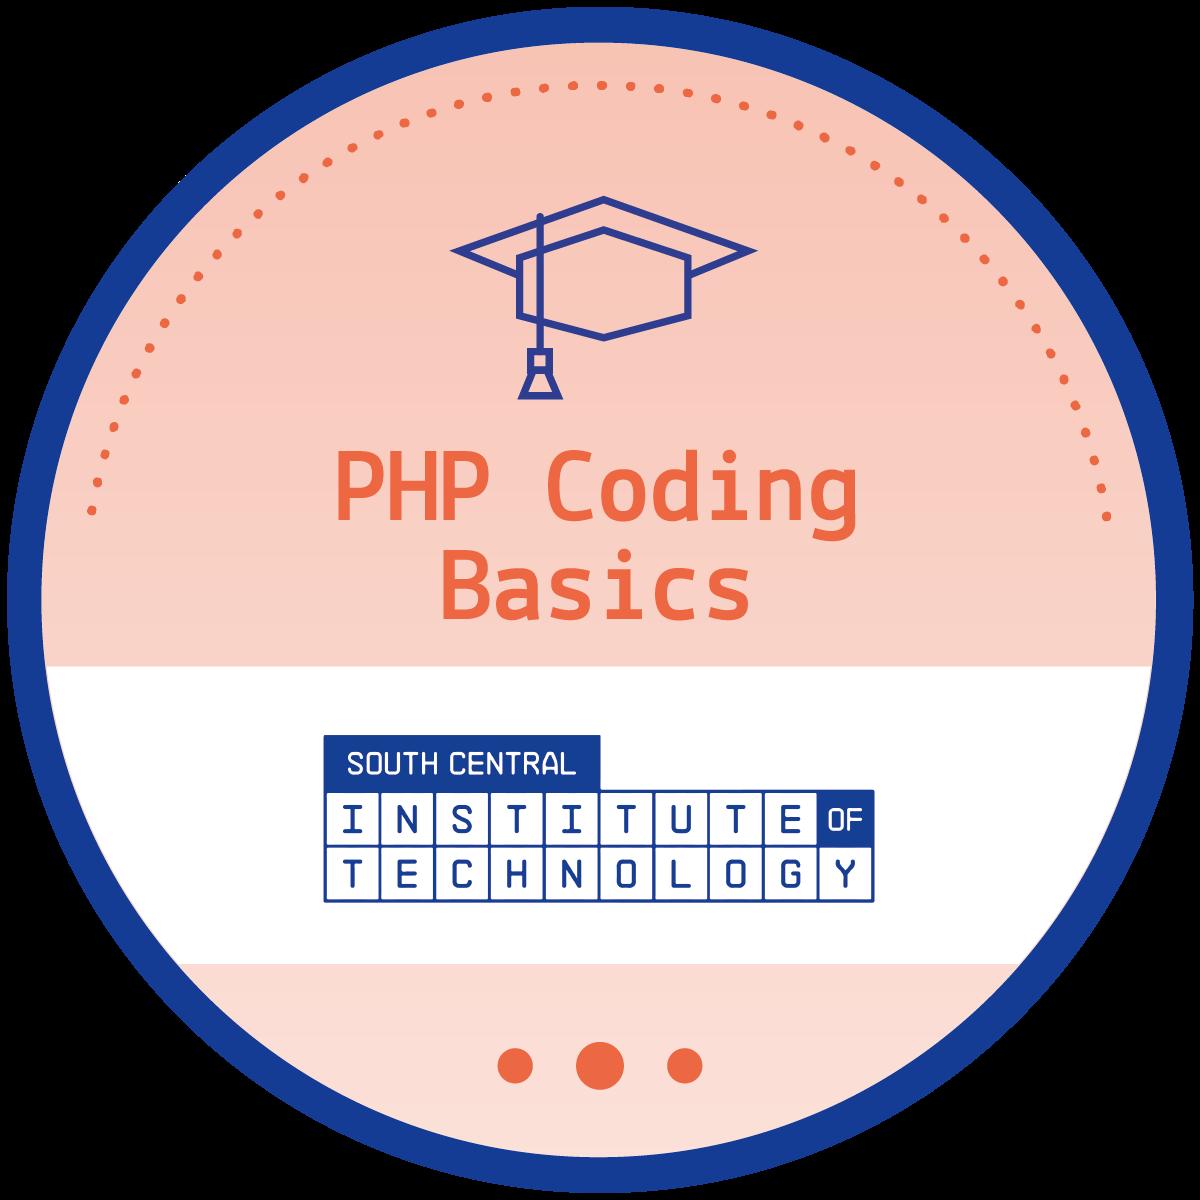 PHP Coding Basics